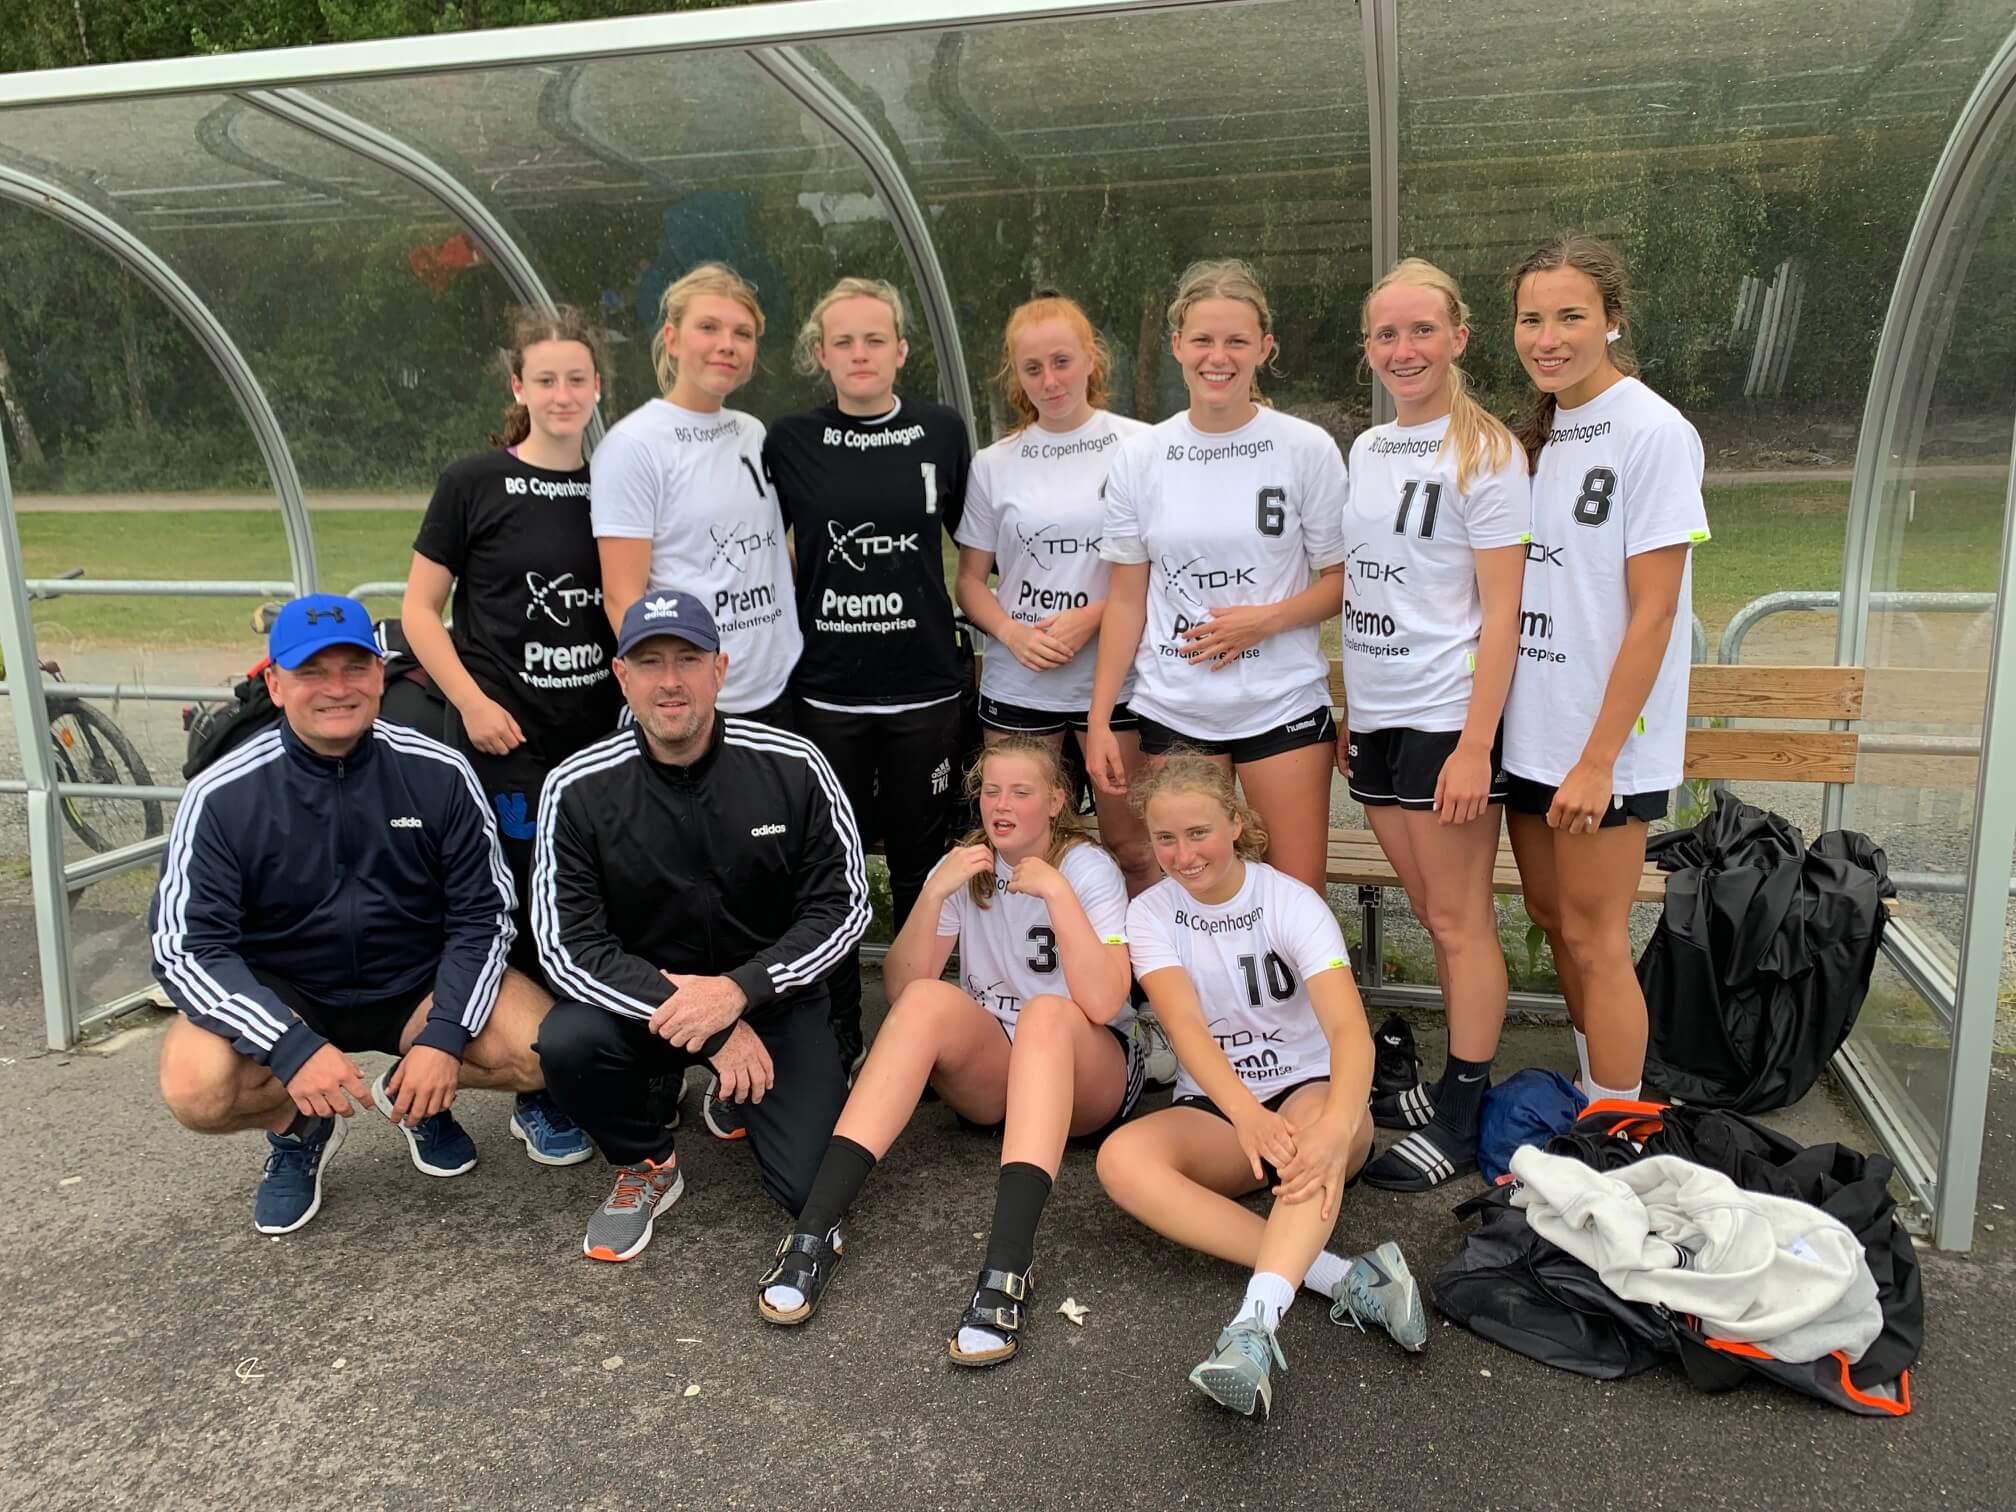 BG Copenhagens  Girls 18 . Foto tilhører BG Copenhagen.